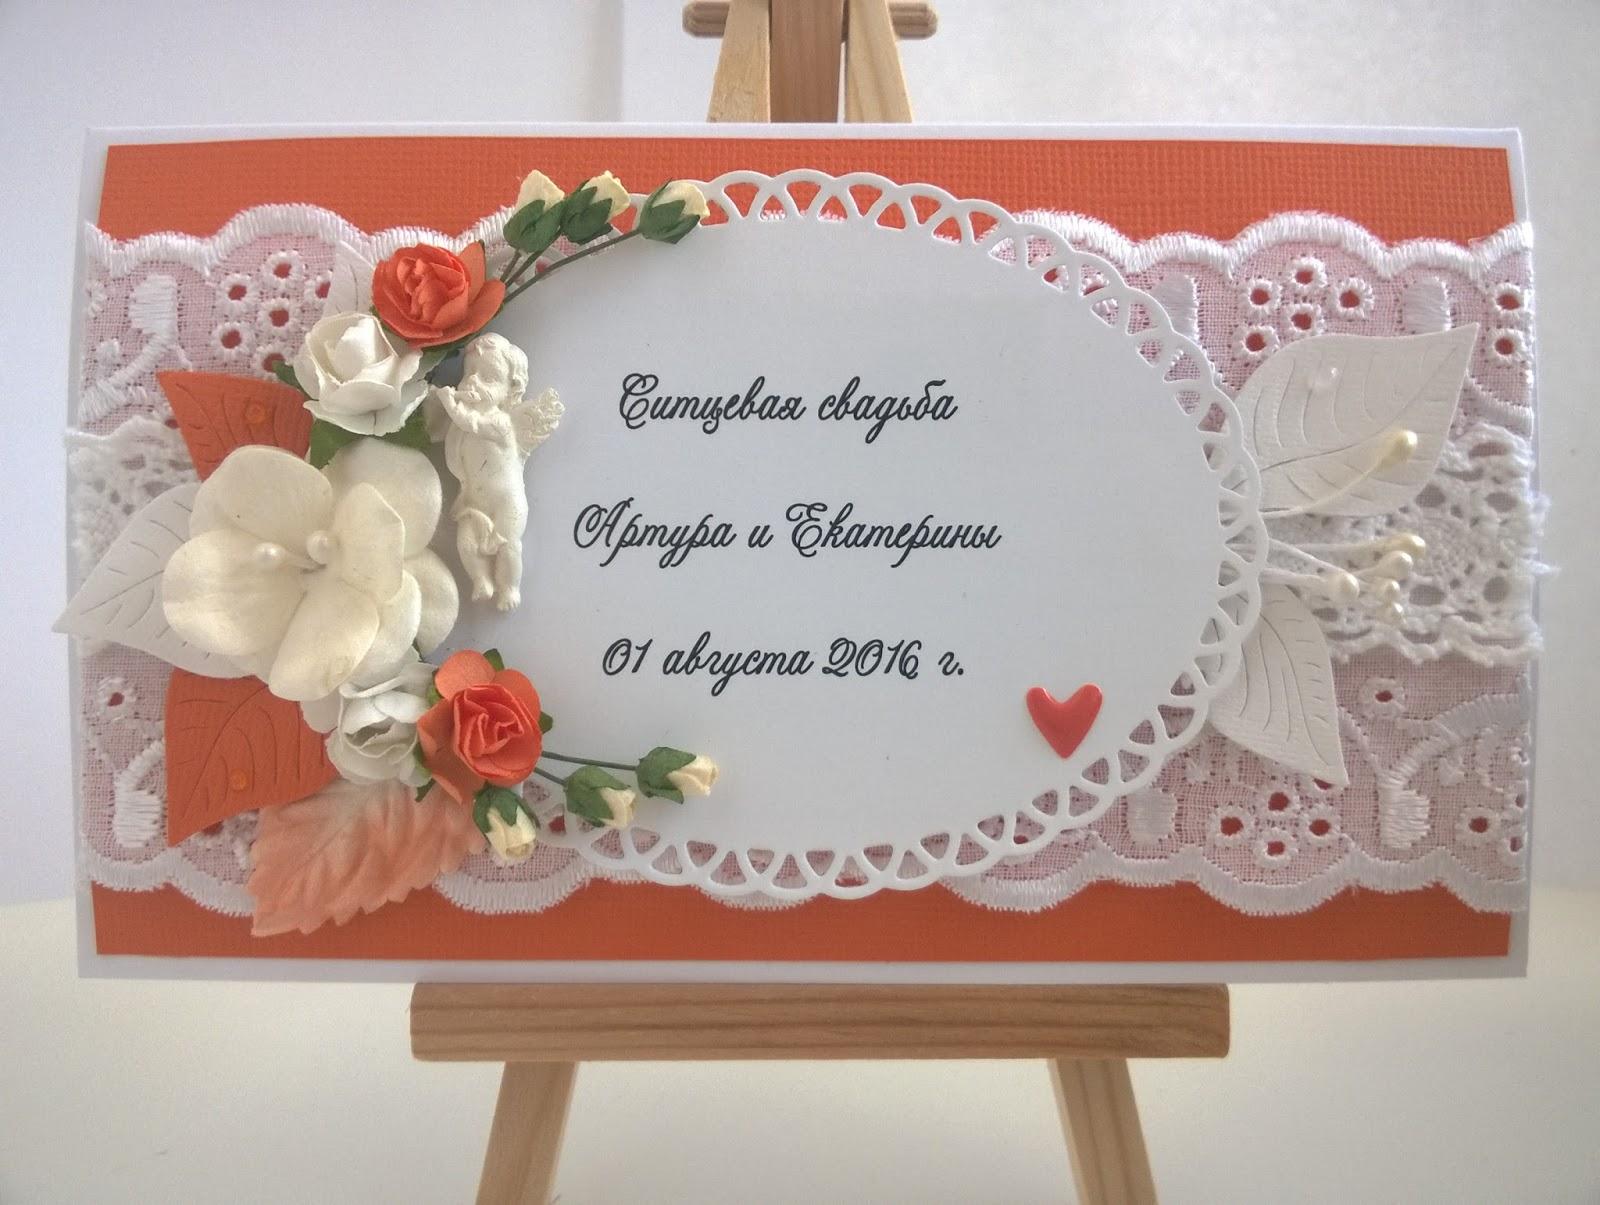 Что подарить на ситцевую свадьбу: прикольные и необычные идеи 25